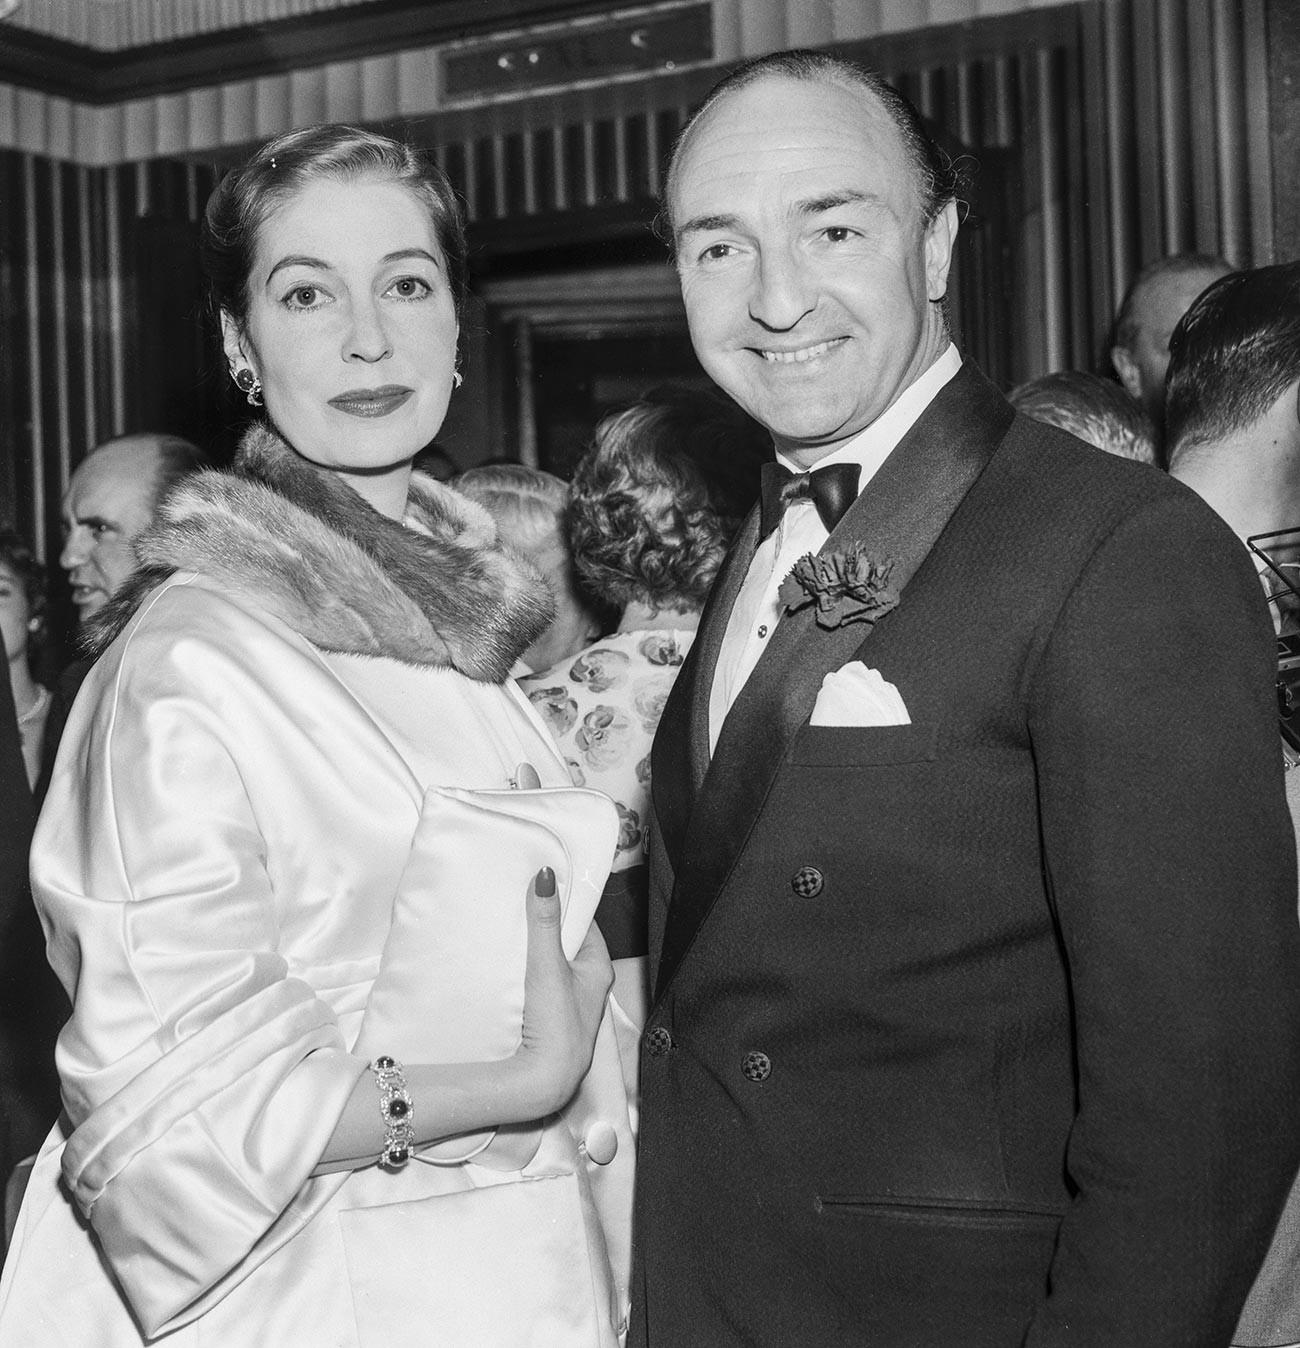 John Profumo et sa femme Valerie Hobson